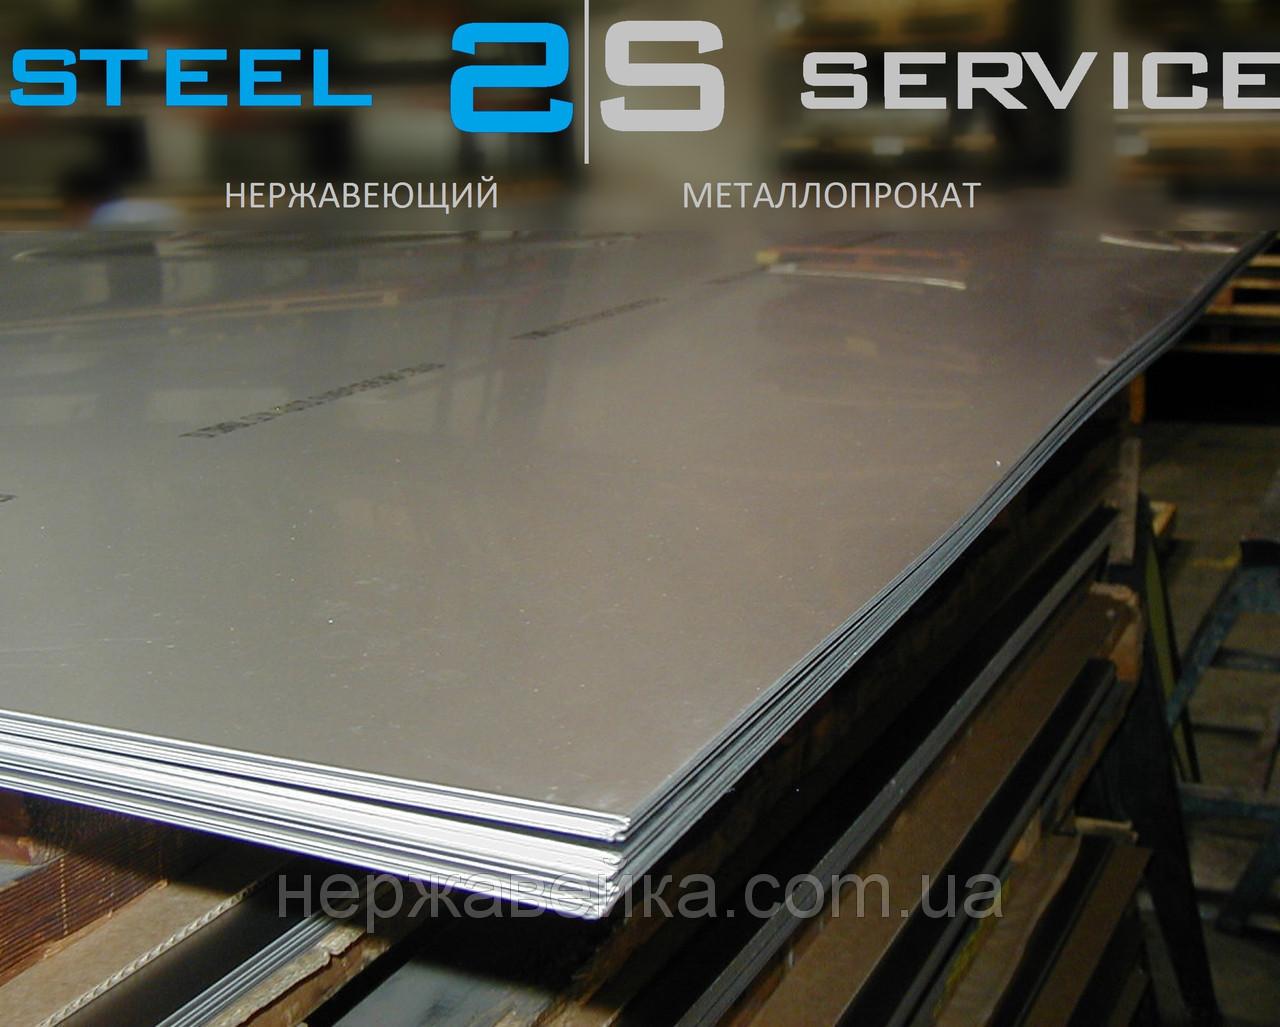 Нержавеющий лист 3х1250х2500мм AiSi 201  (12Х15Г9НД) 4N - шлифованный